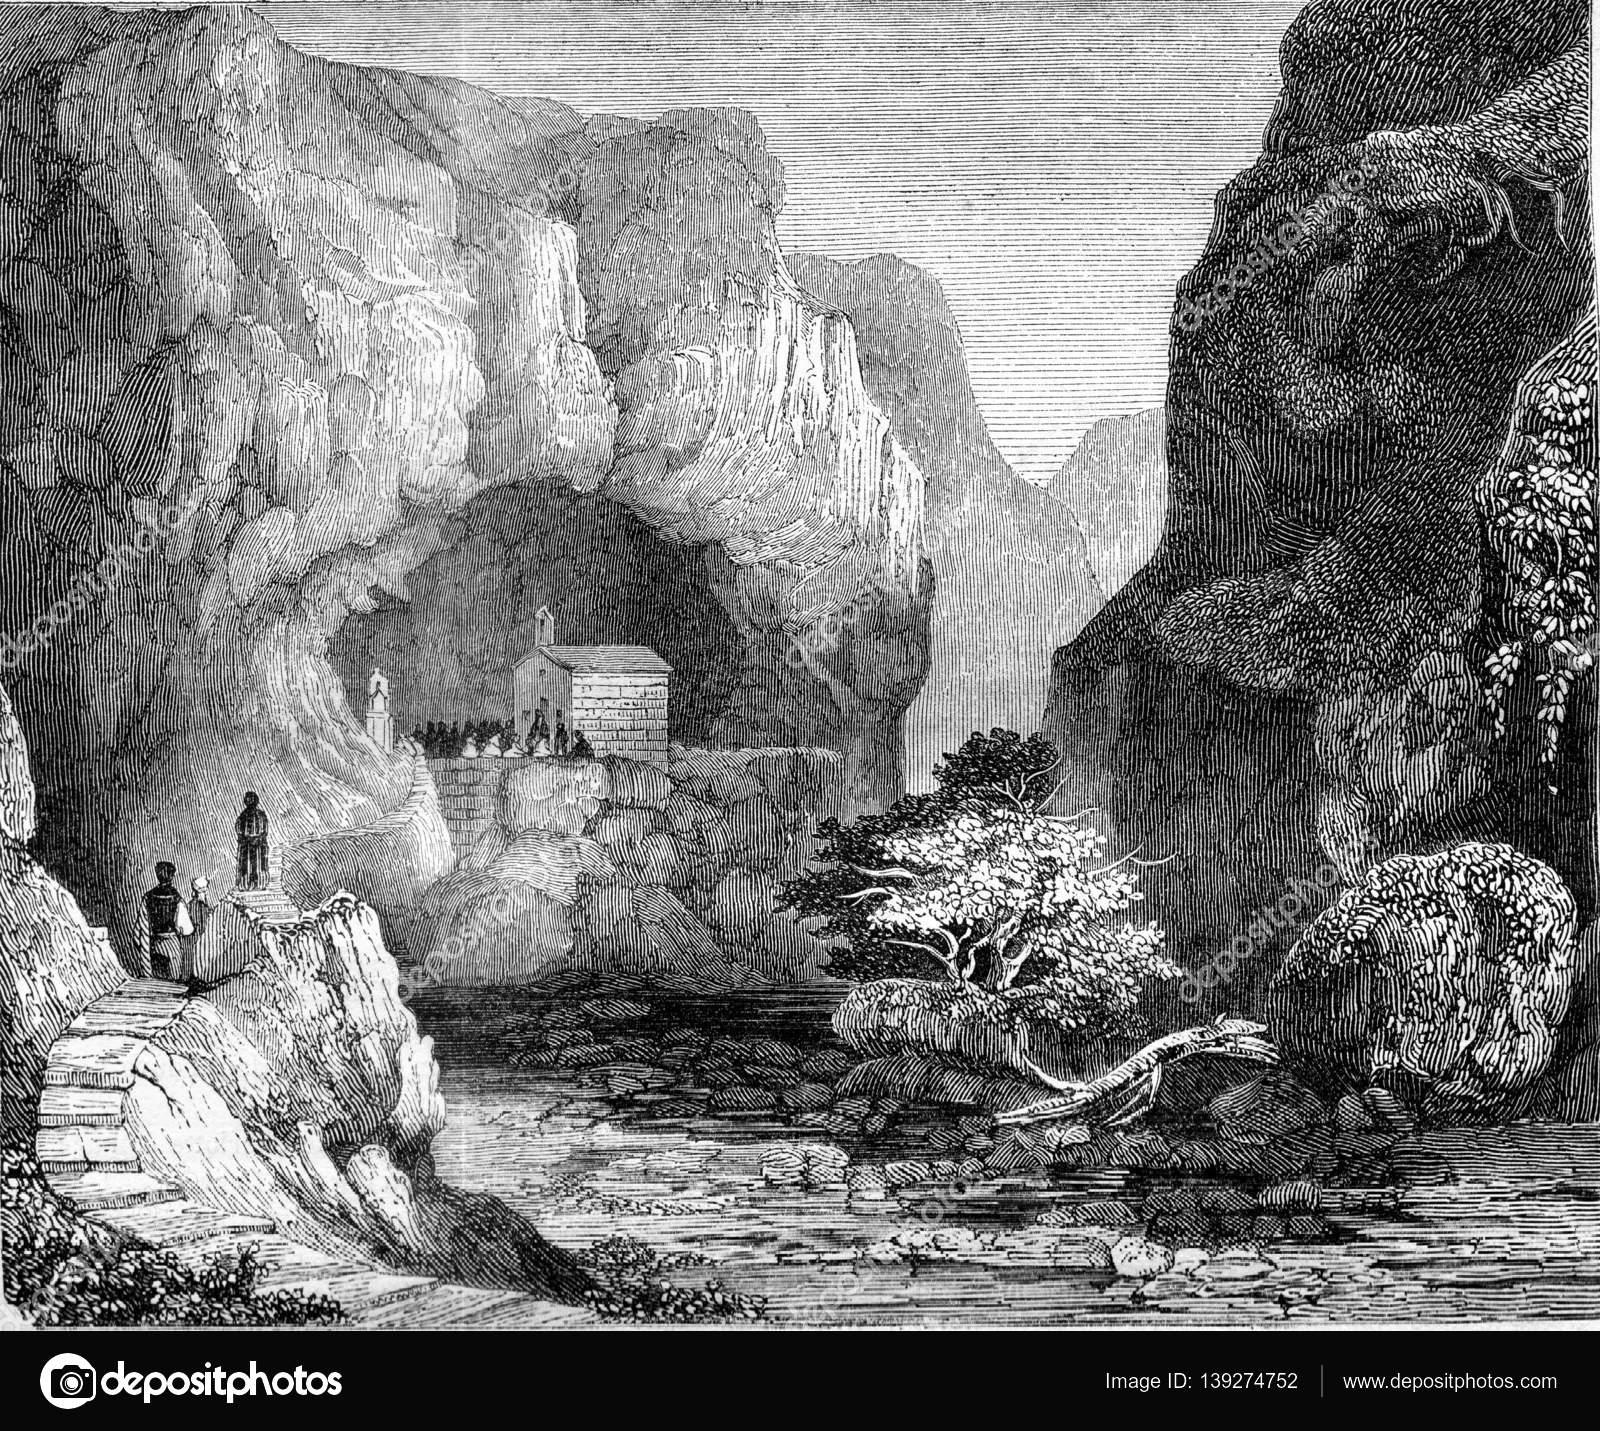 vue de la grotte de saint paul, dans la vallée de mousta, malte